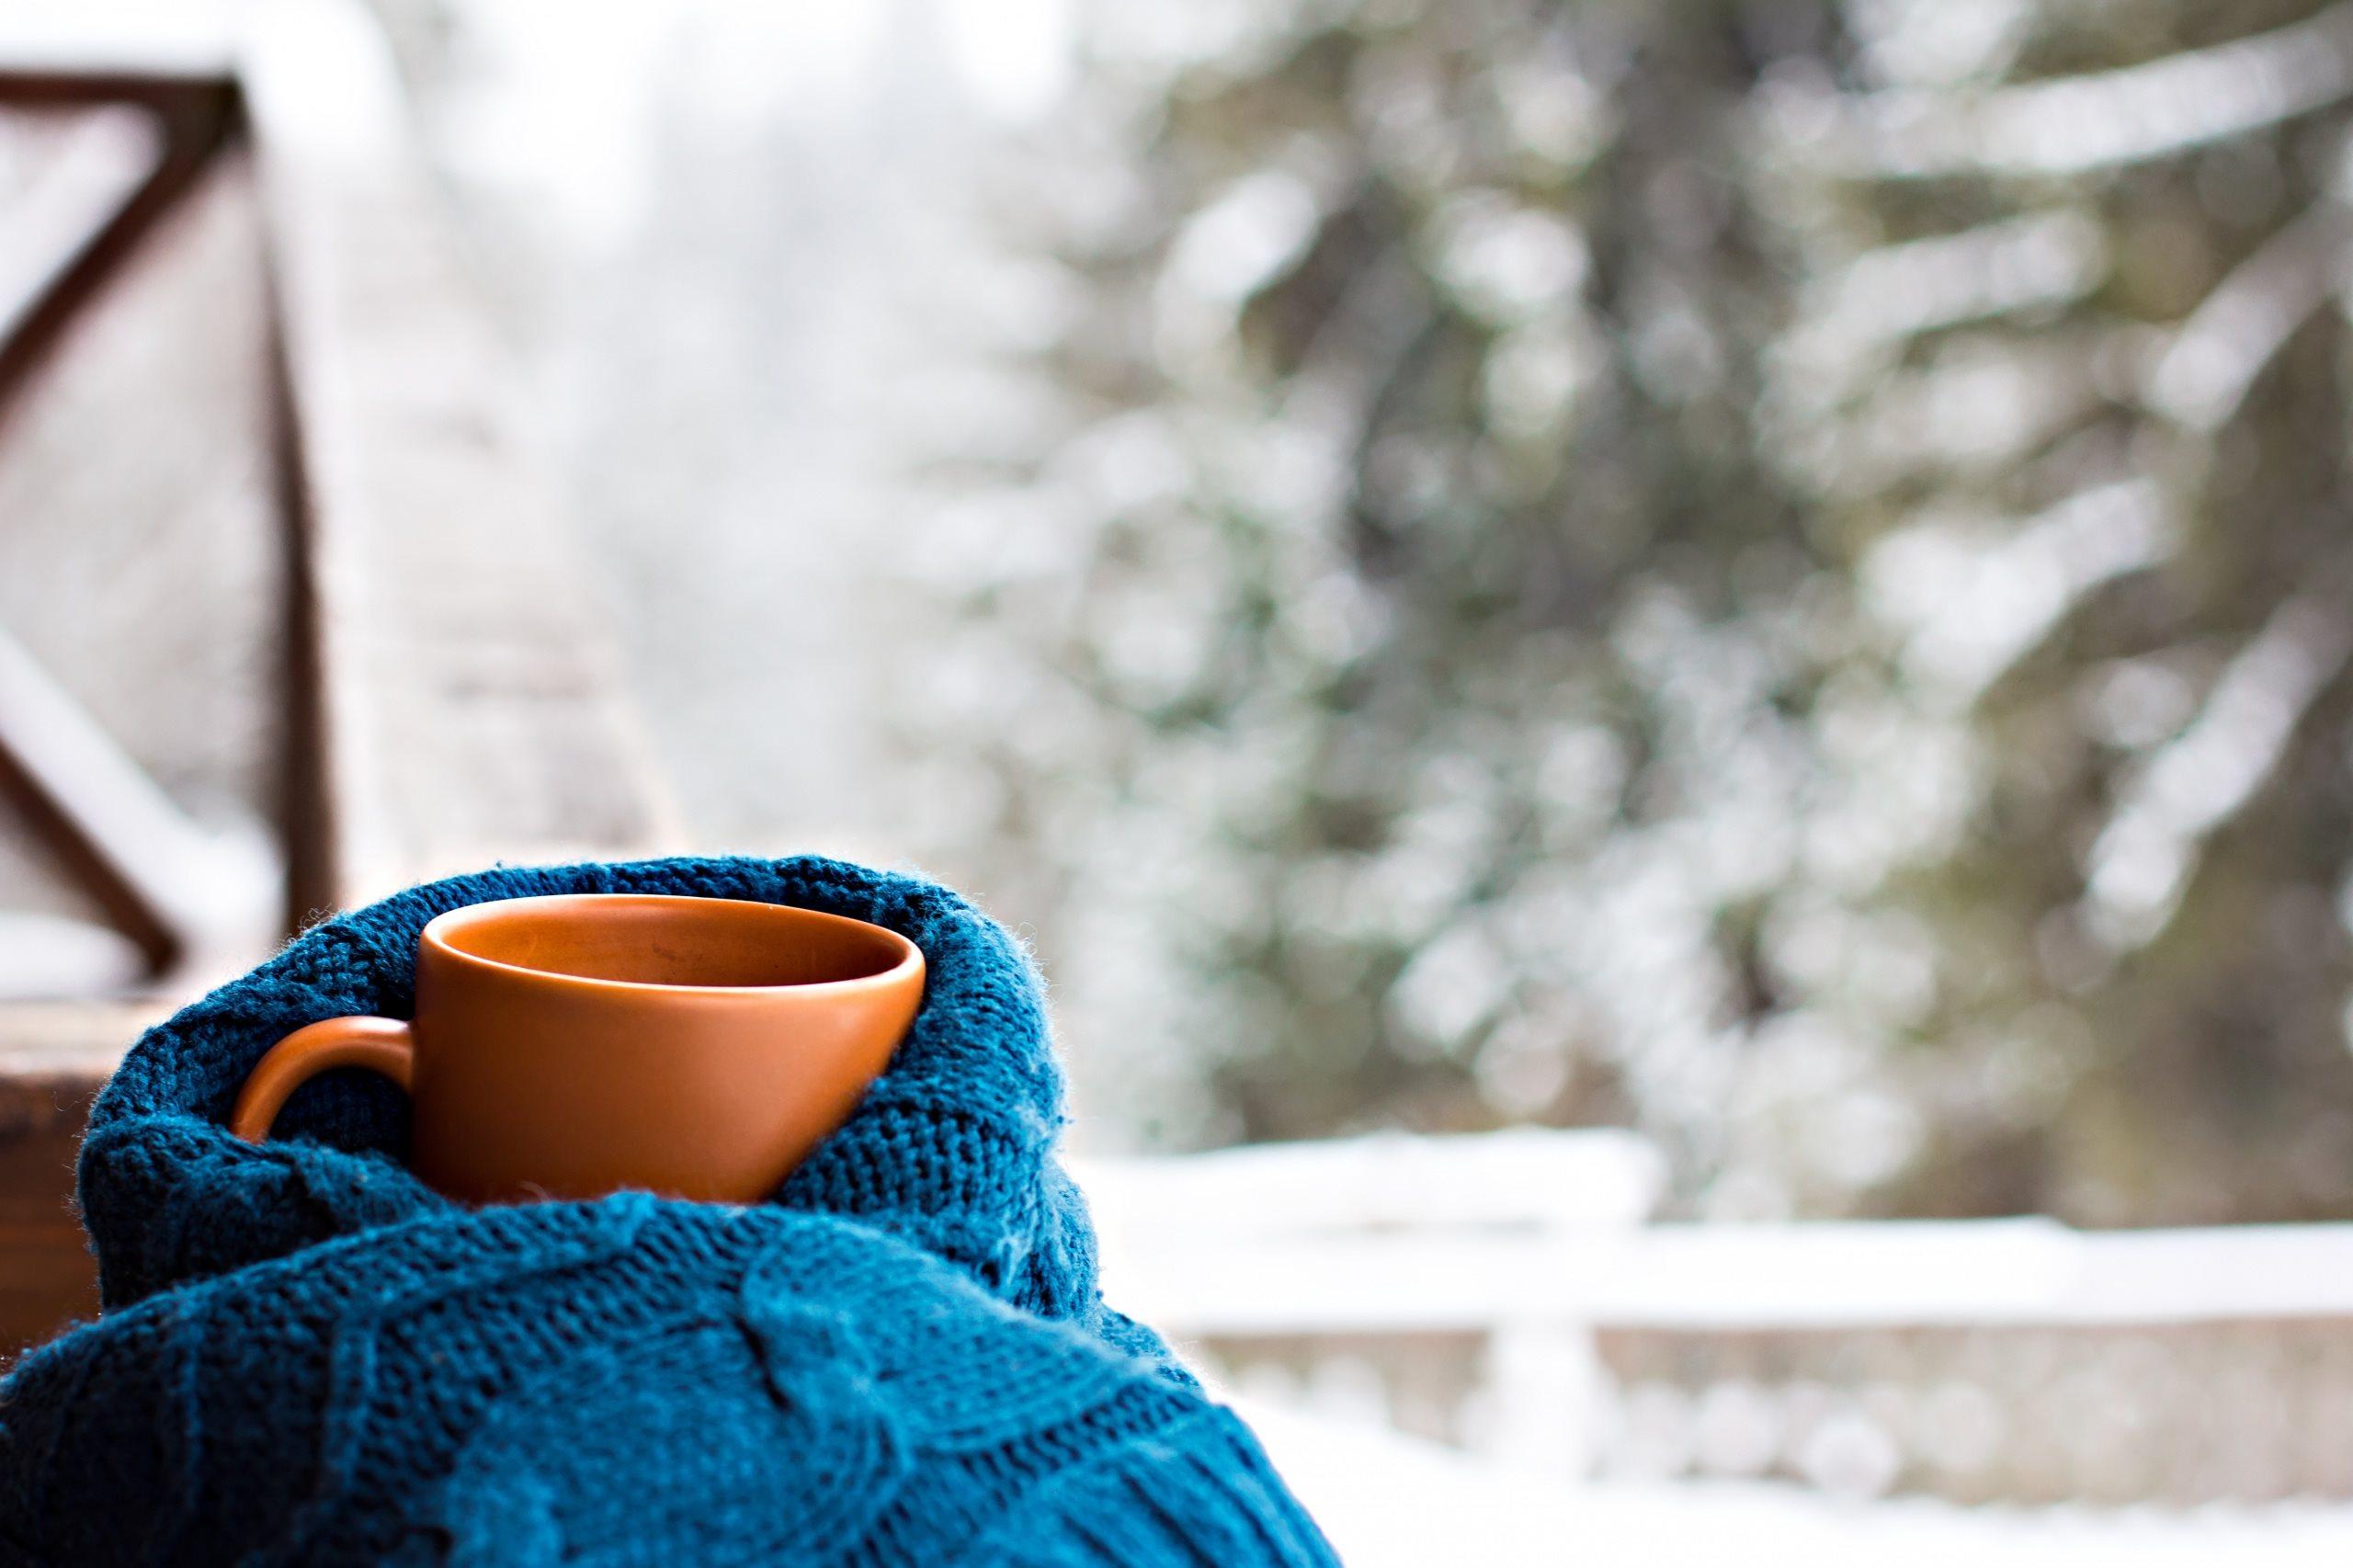 отсутствии собственно картинки чашка кофе на снегу злые